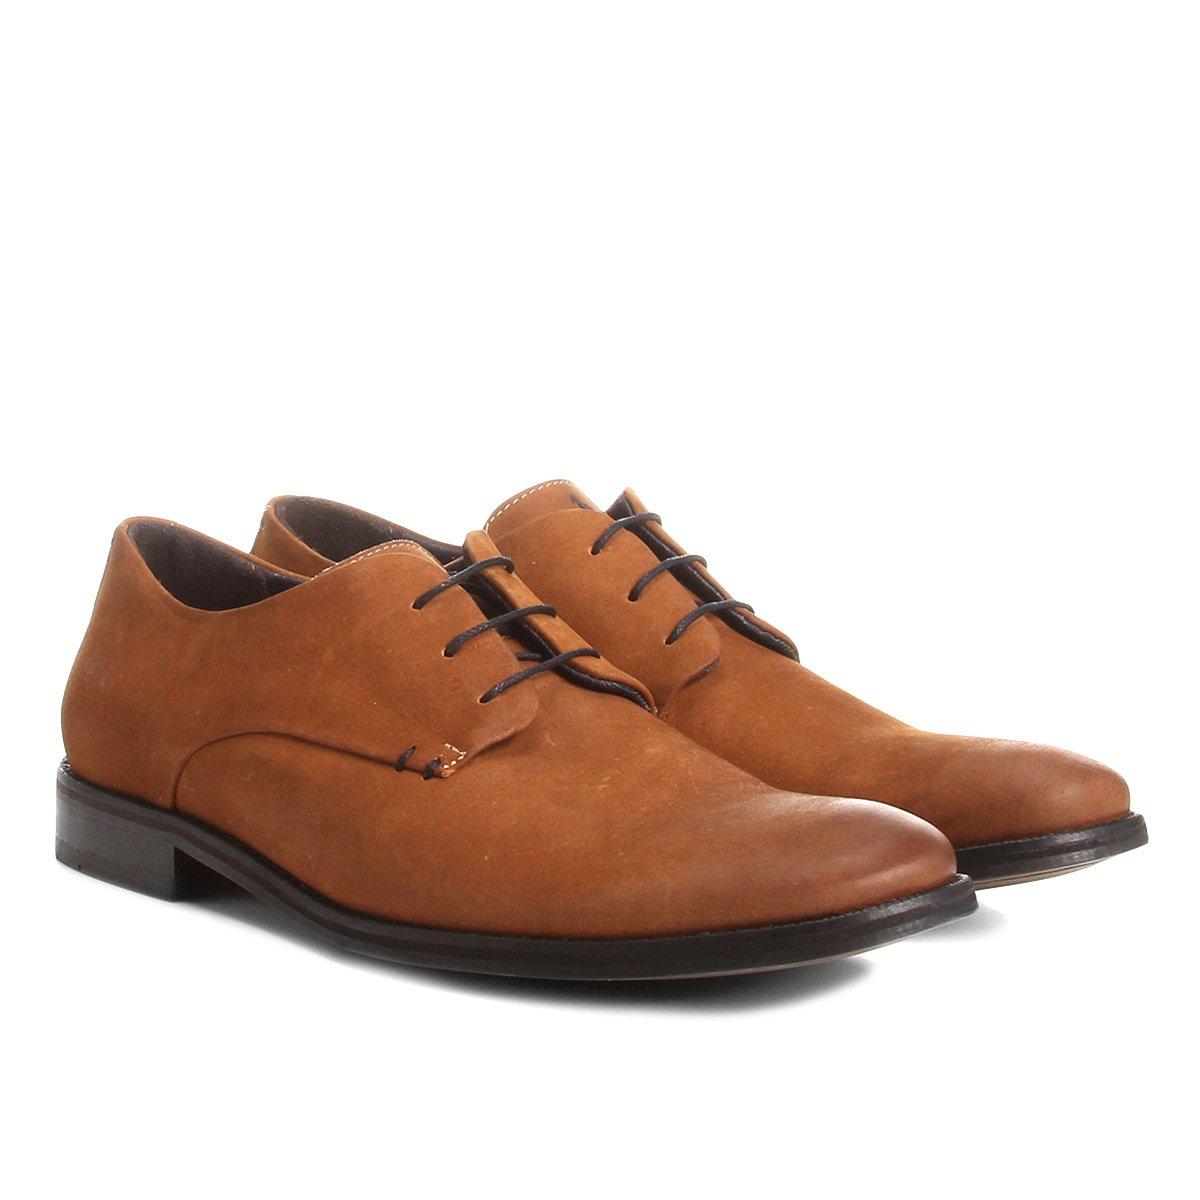 b97a500de2 Sapato Casual Couro Reserva Deco